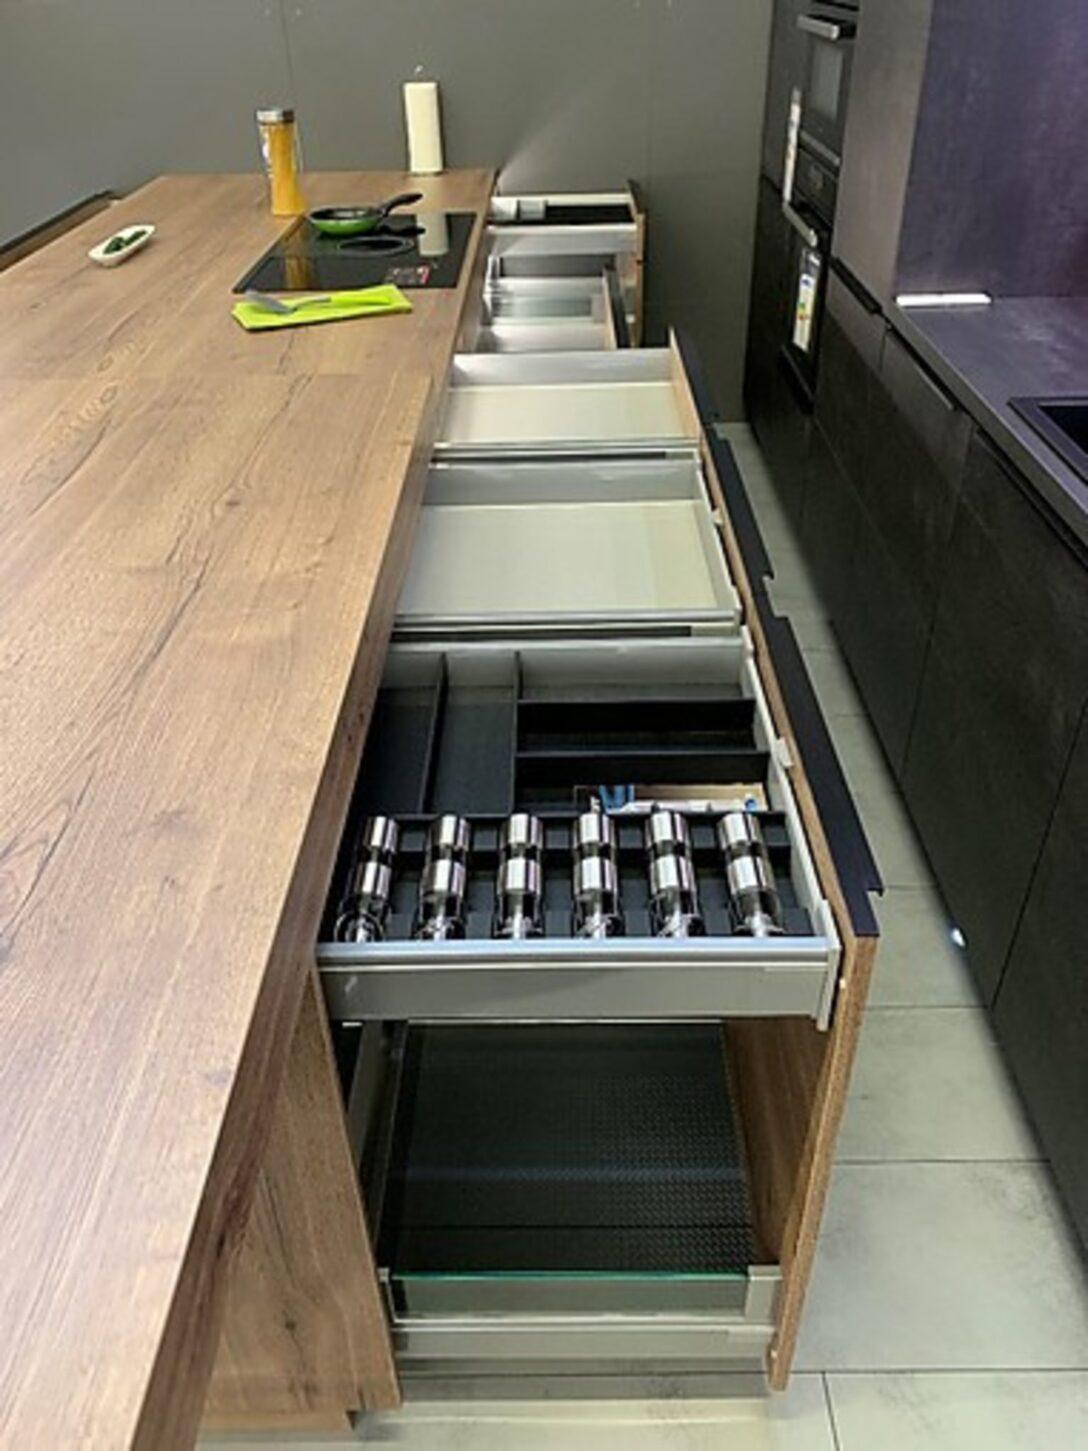 Large Size of Küchen Abverkauf Nobilia Kchen Sonderangebot Ausstellungskche Küche Regal Bad Inselküche Einbauküche Wohnzimmer Küchen Abverkauf Nobilia